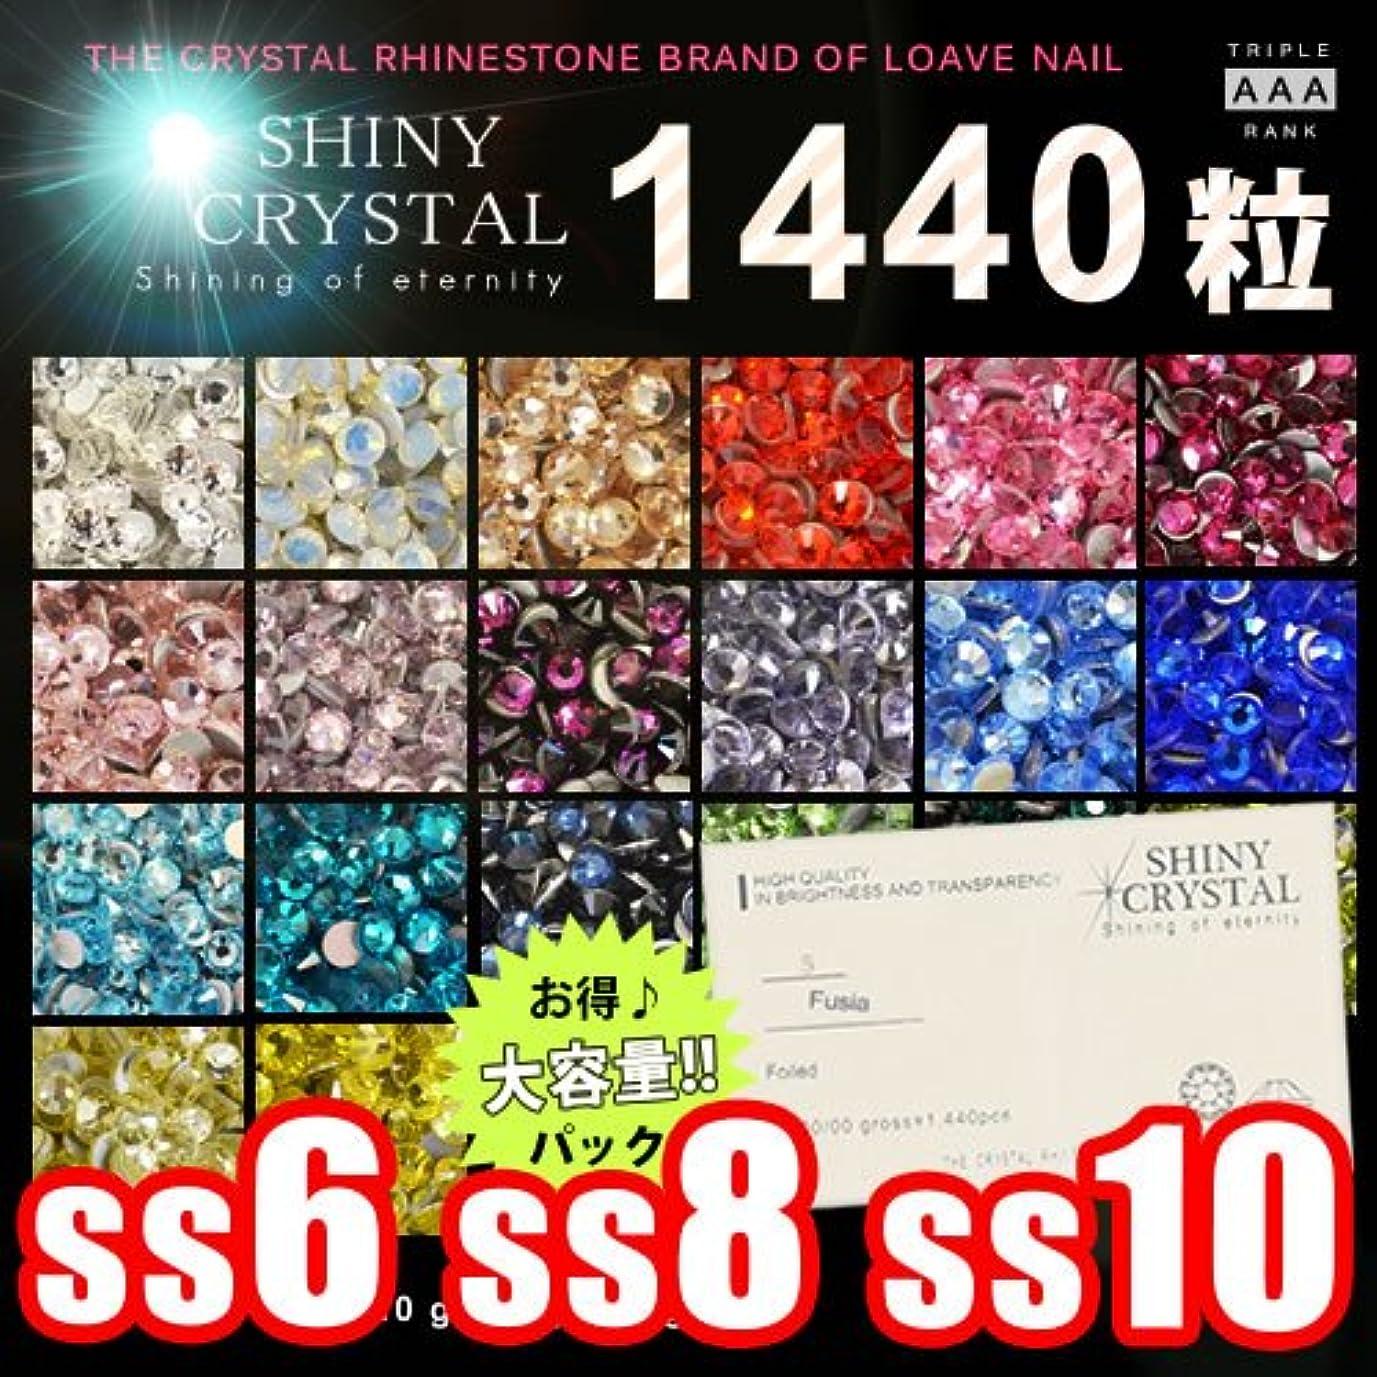 インスタンスホールドオール適切にシャイニークリスタル(SHINY CRYSTAL)「 11、ライトサファイア 」「ss8」【1440粒/グロスパッケージ】